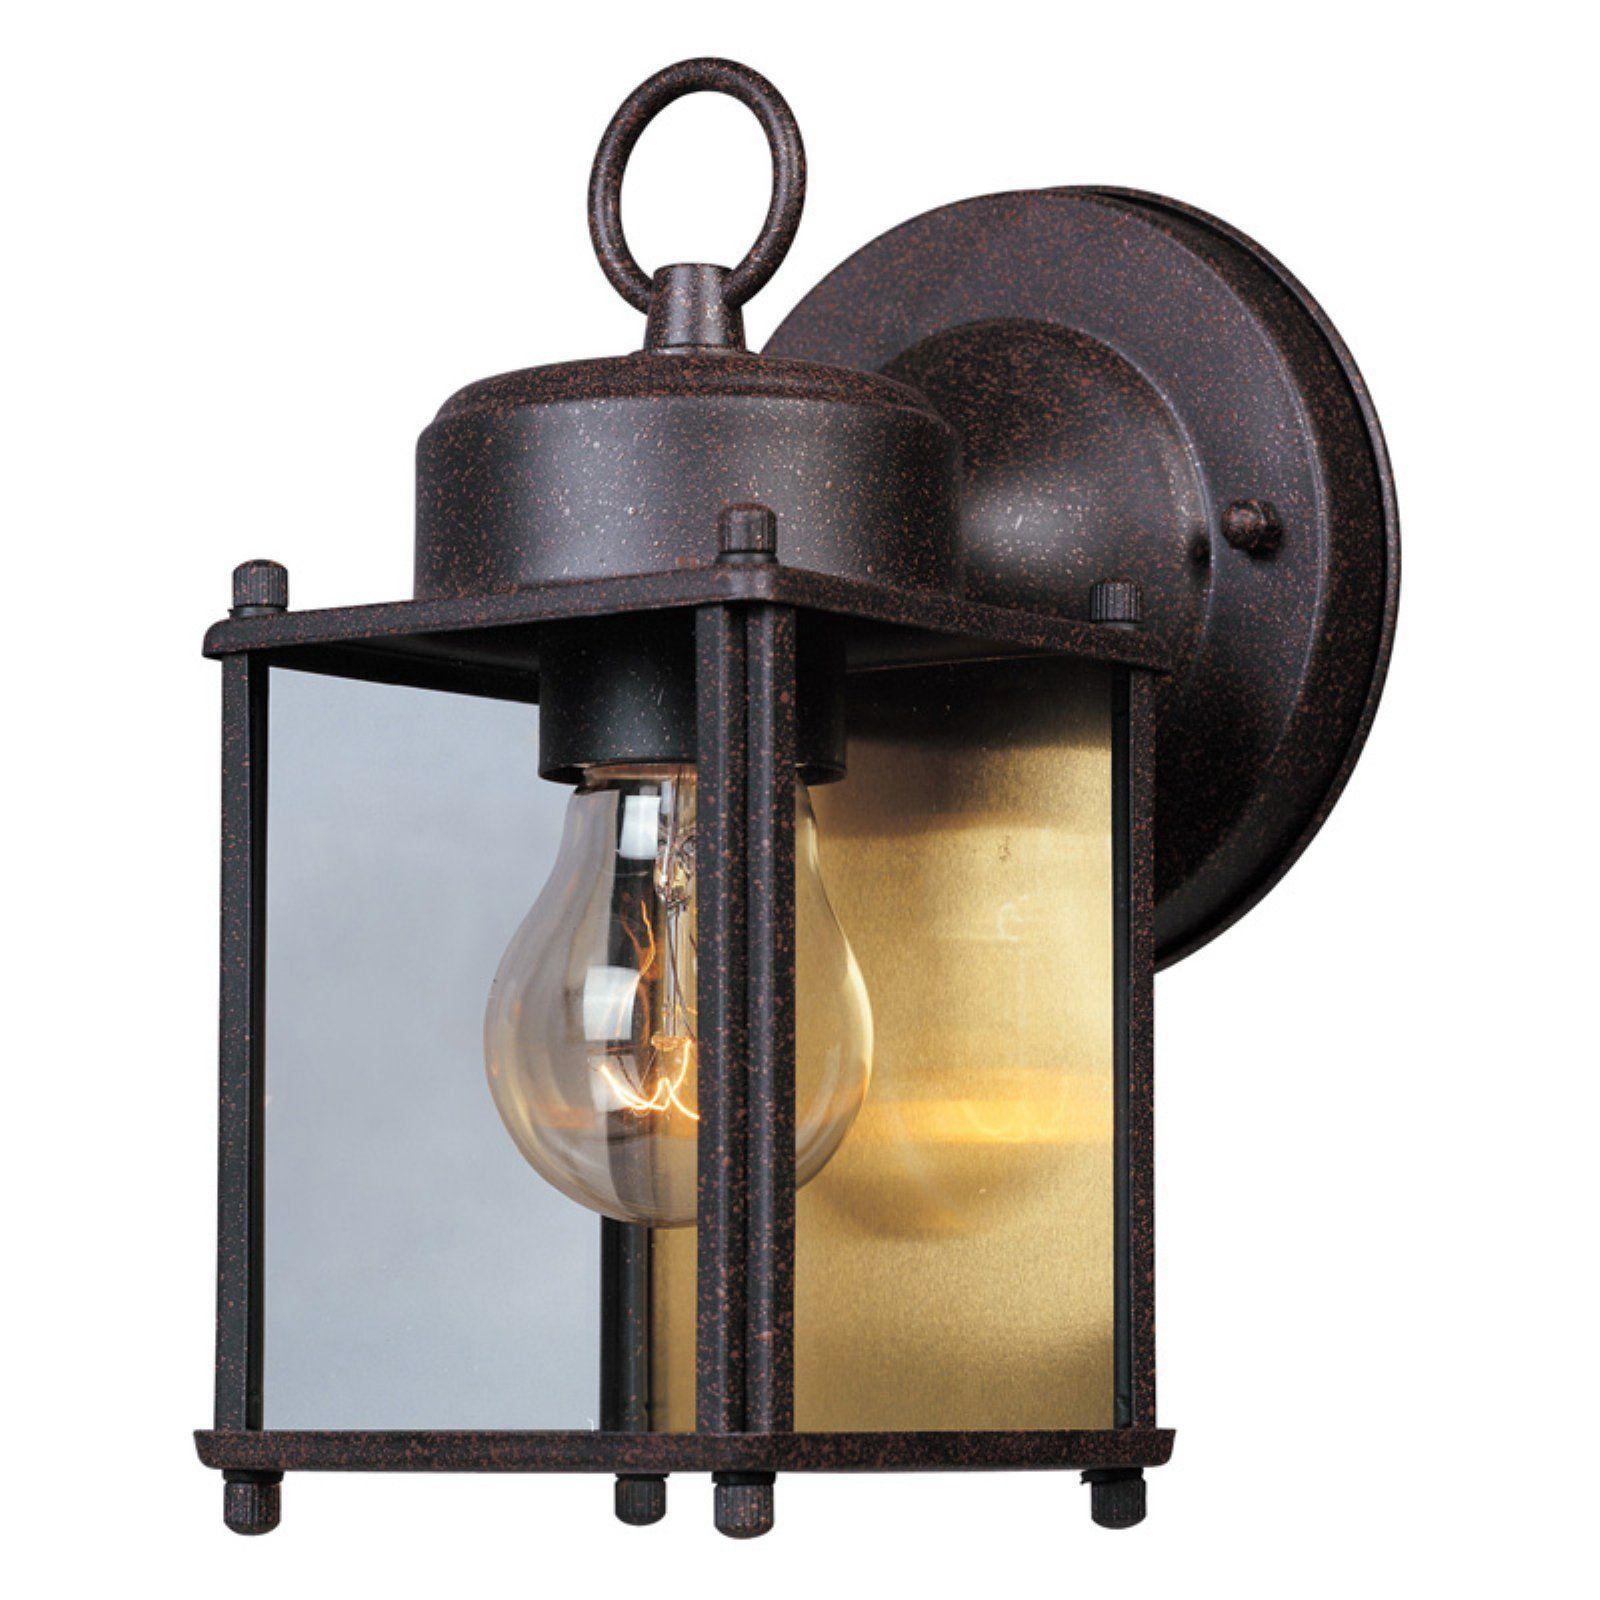 Outdoor 1161 Porch Wall Lantern